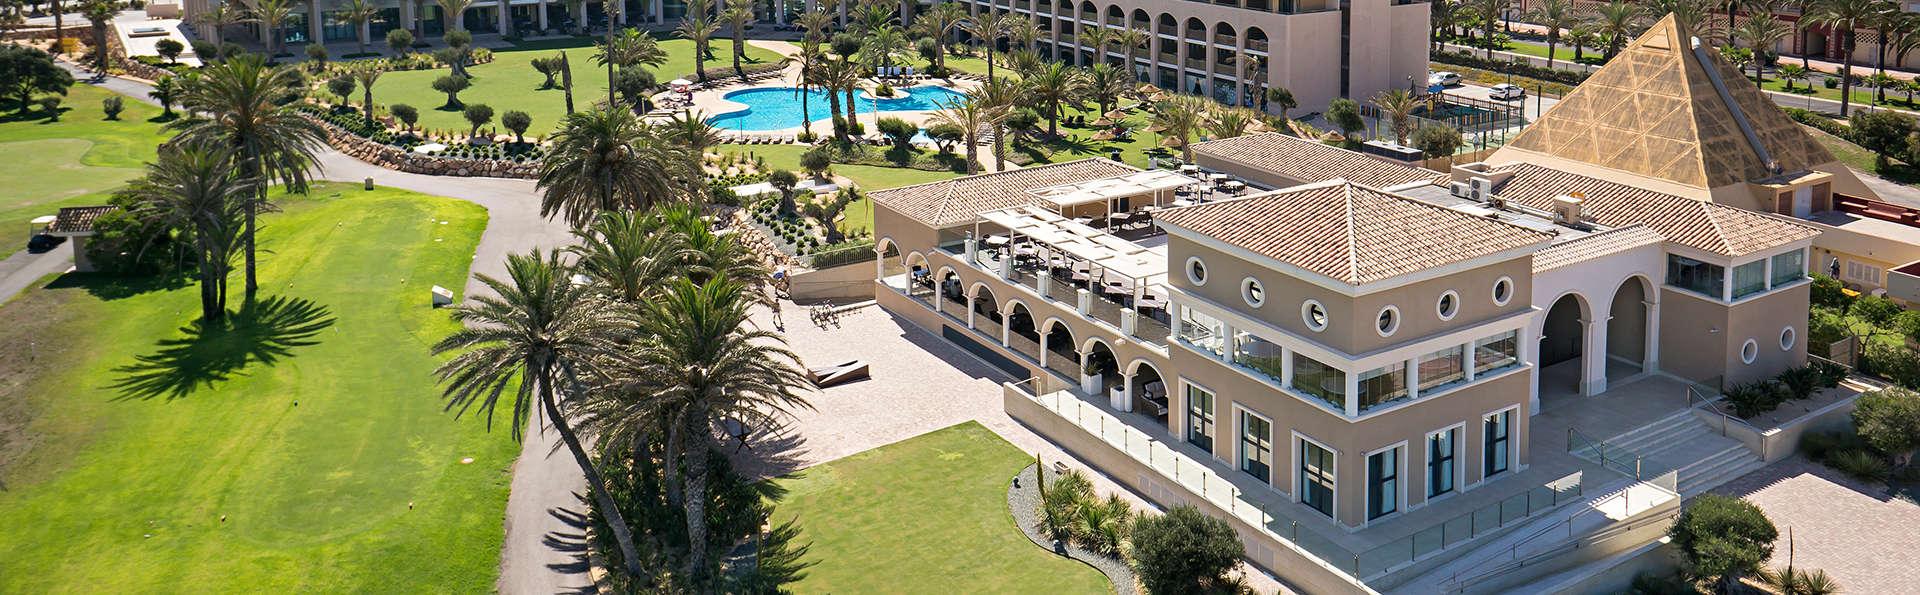 Gastronomía & Relax: escapada de lujo en un resort 5* en la Costa de Almería